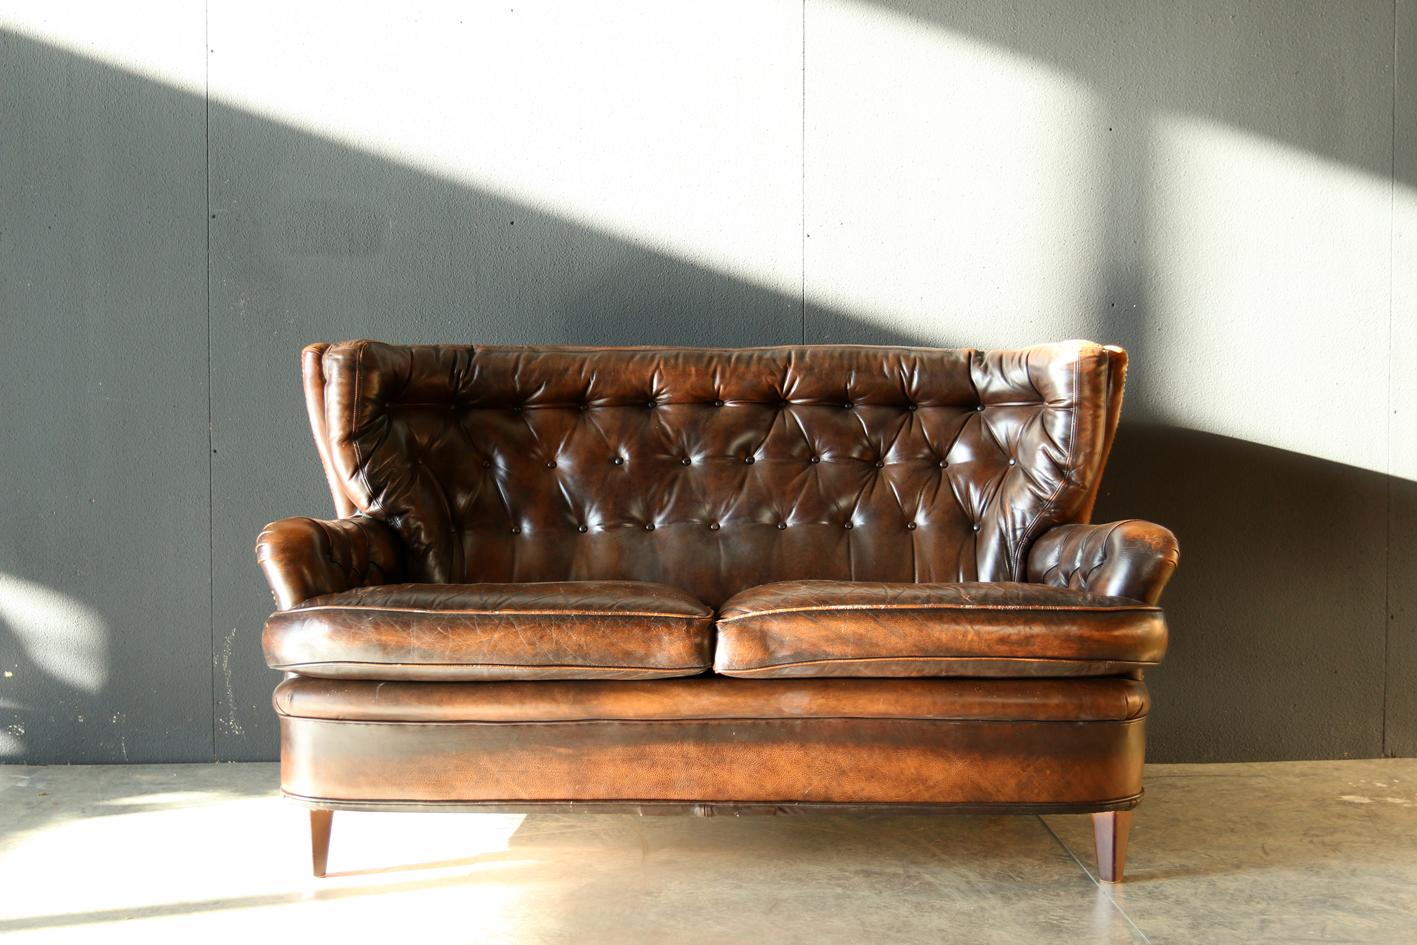 Vintage Leren Bank : Retro vintage leren chesterfield supervorm bank jaren 60 u2013 dehuiszwaluw